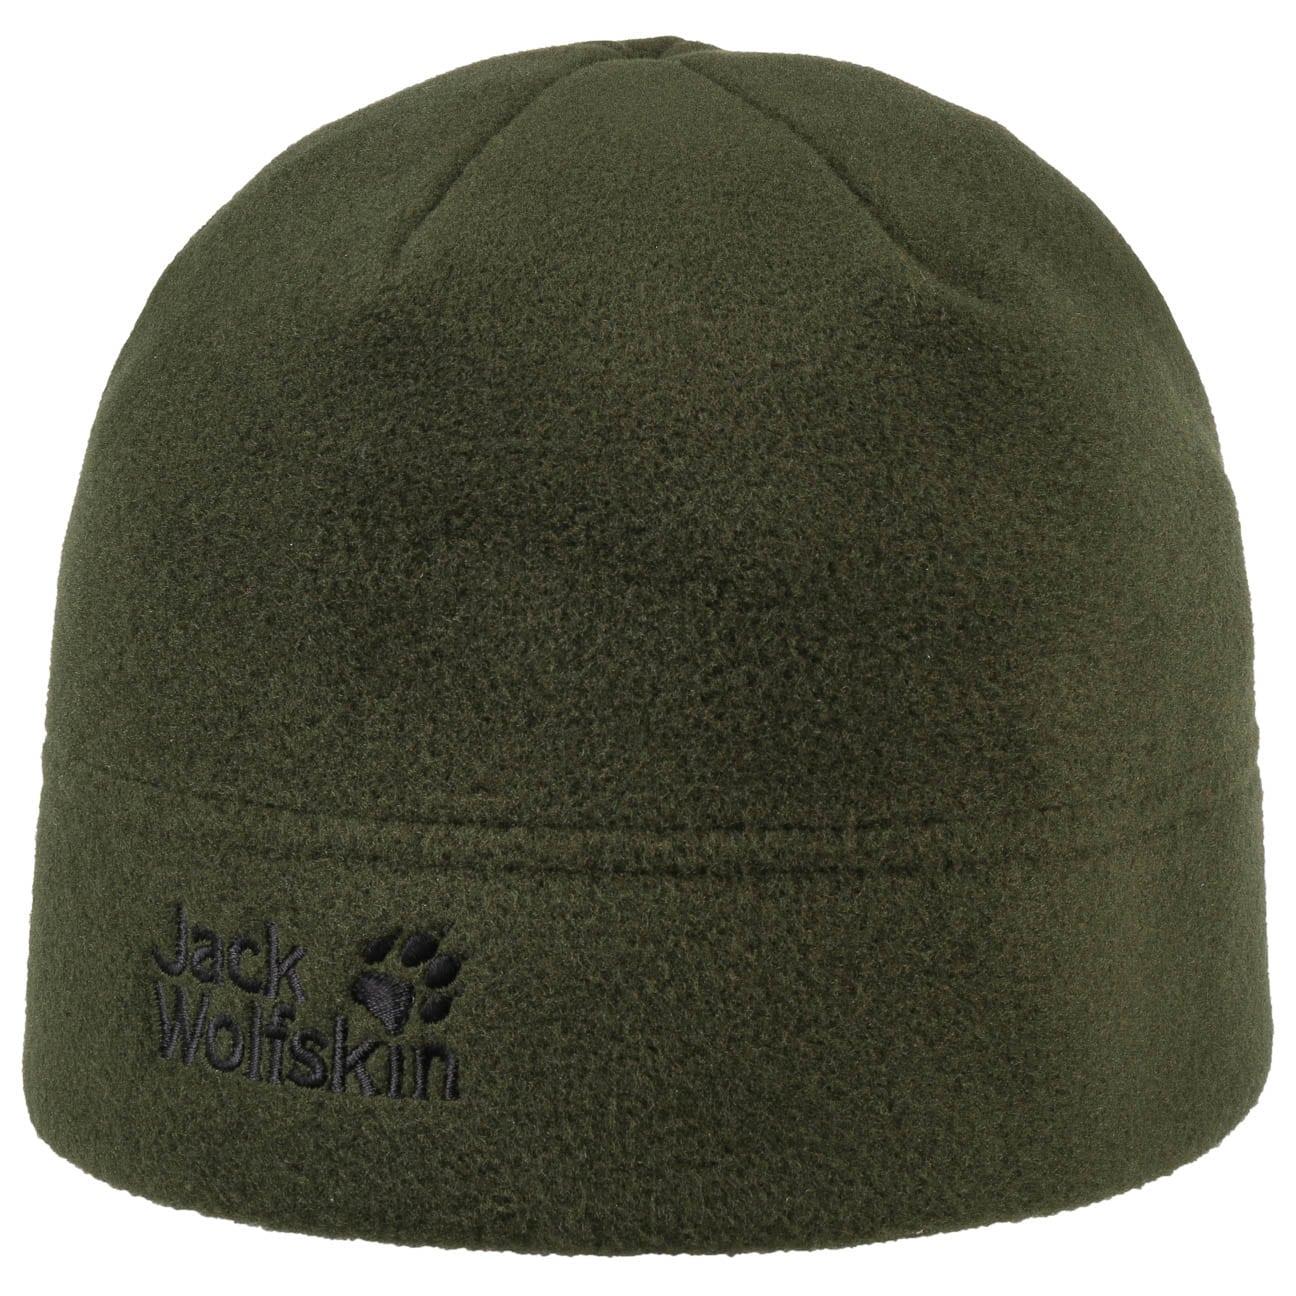 Bonnet en Polaire Vertigo by Jack Wolfskin  bonnet pour l`hiver